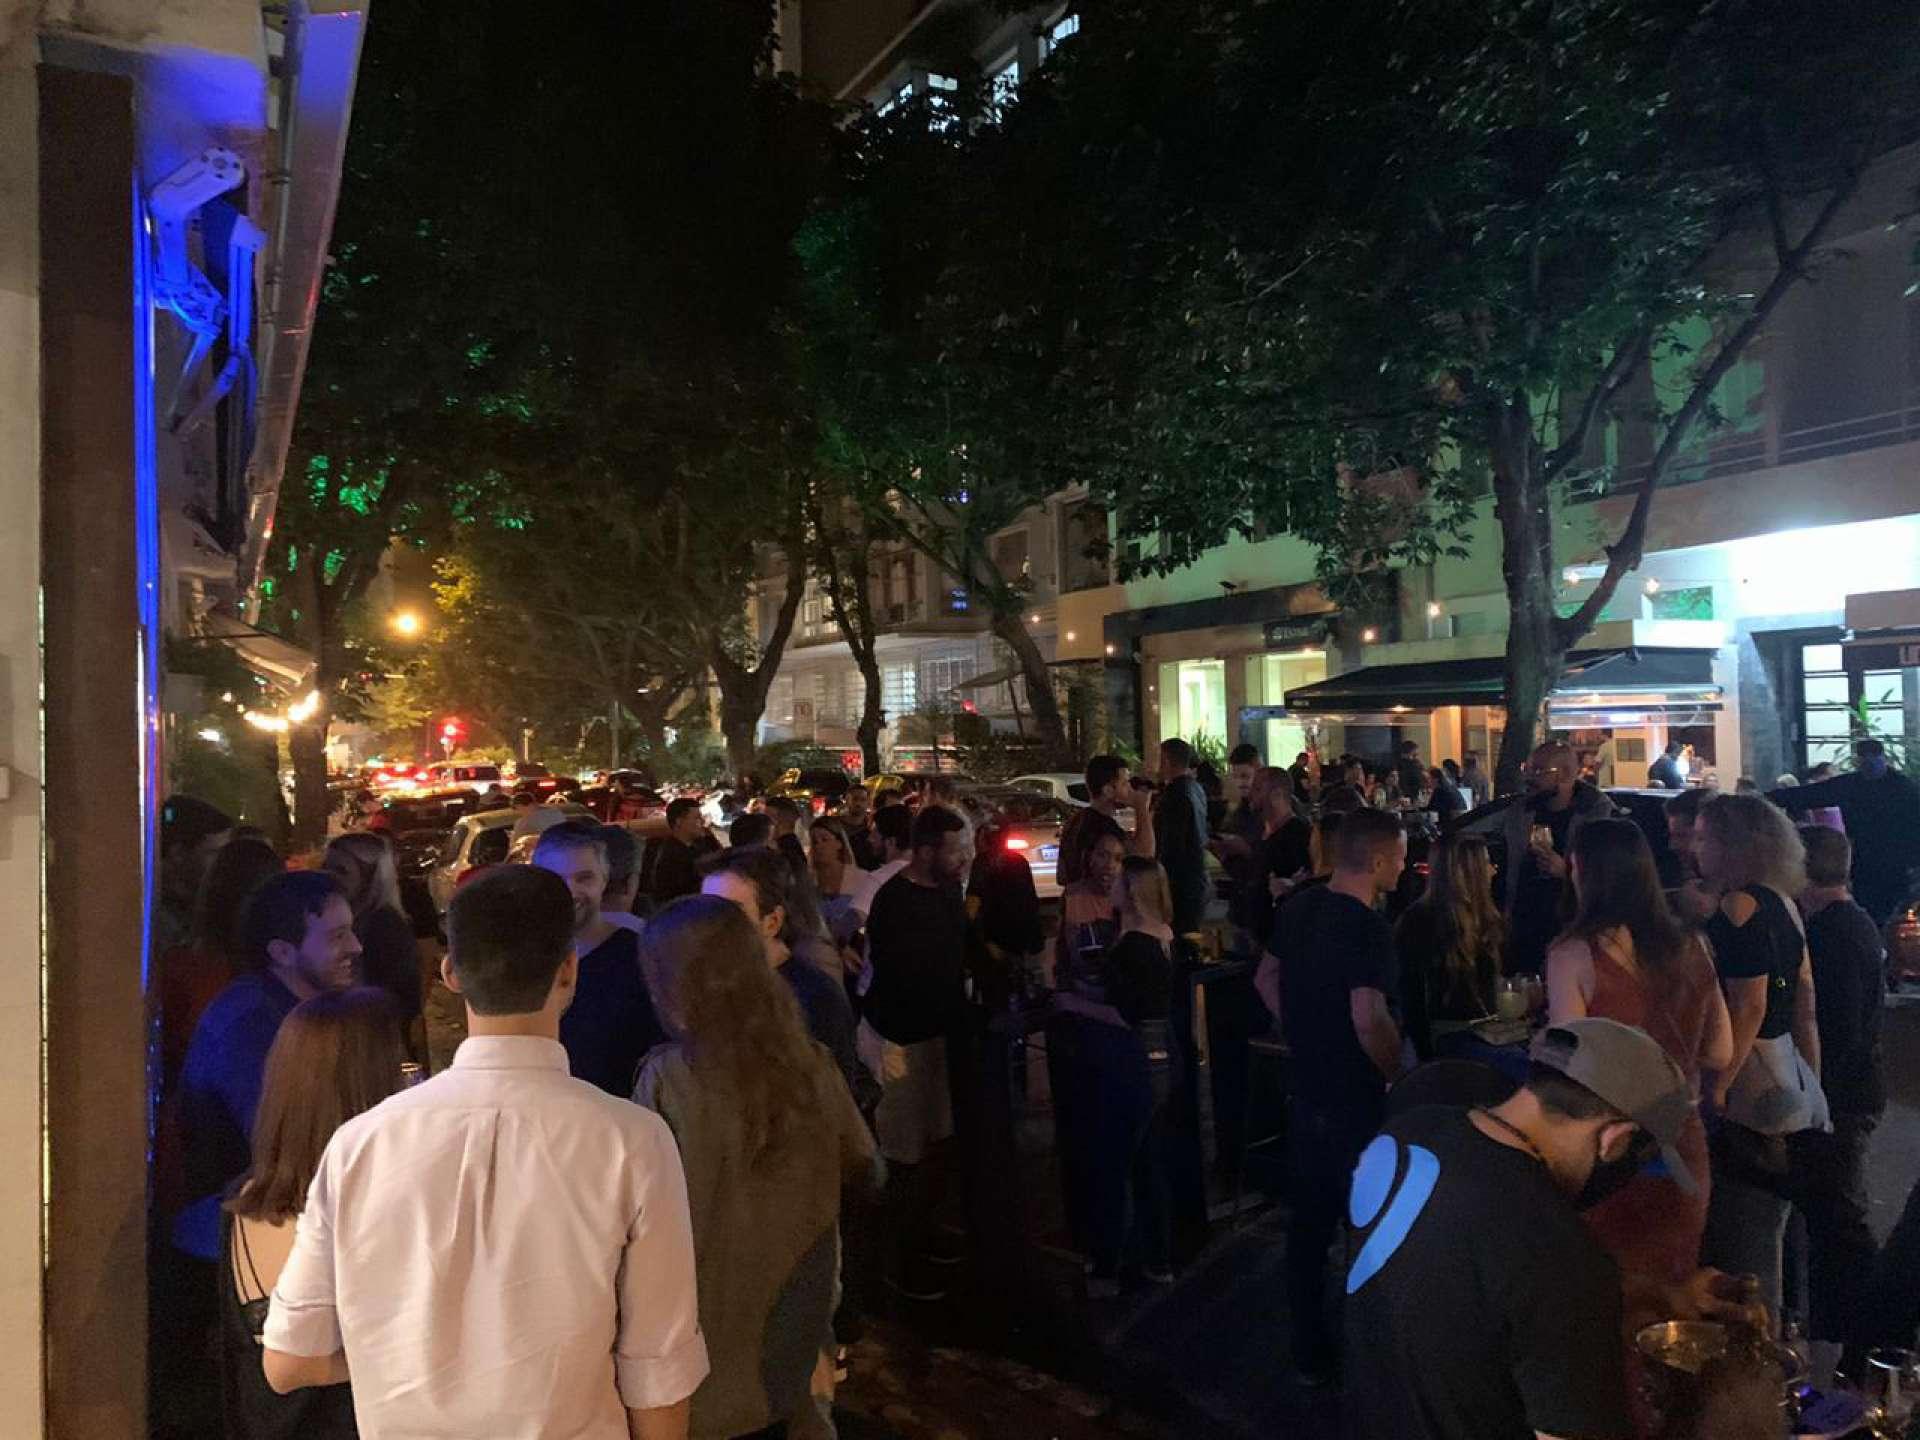 A exemplo do que ocorreu no Rio de Janeiro, abertura de bares pode gerar aglomerações